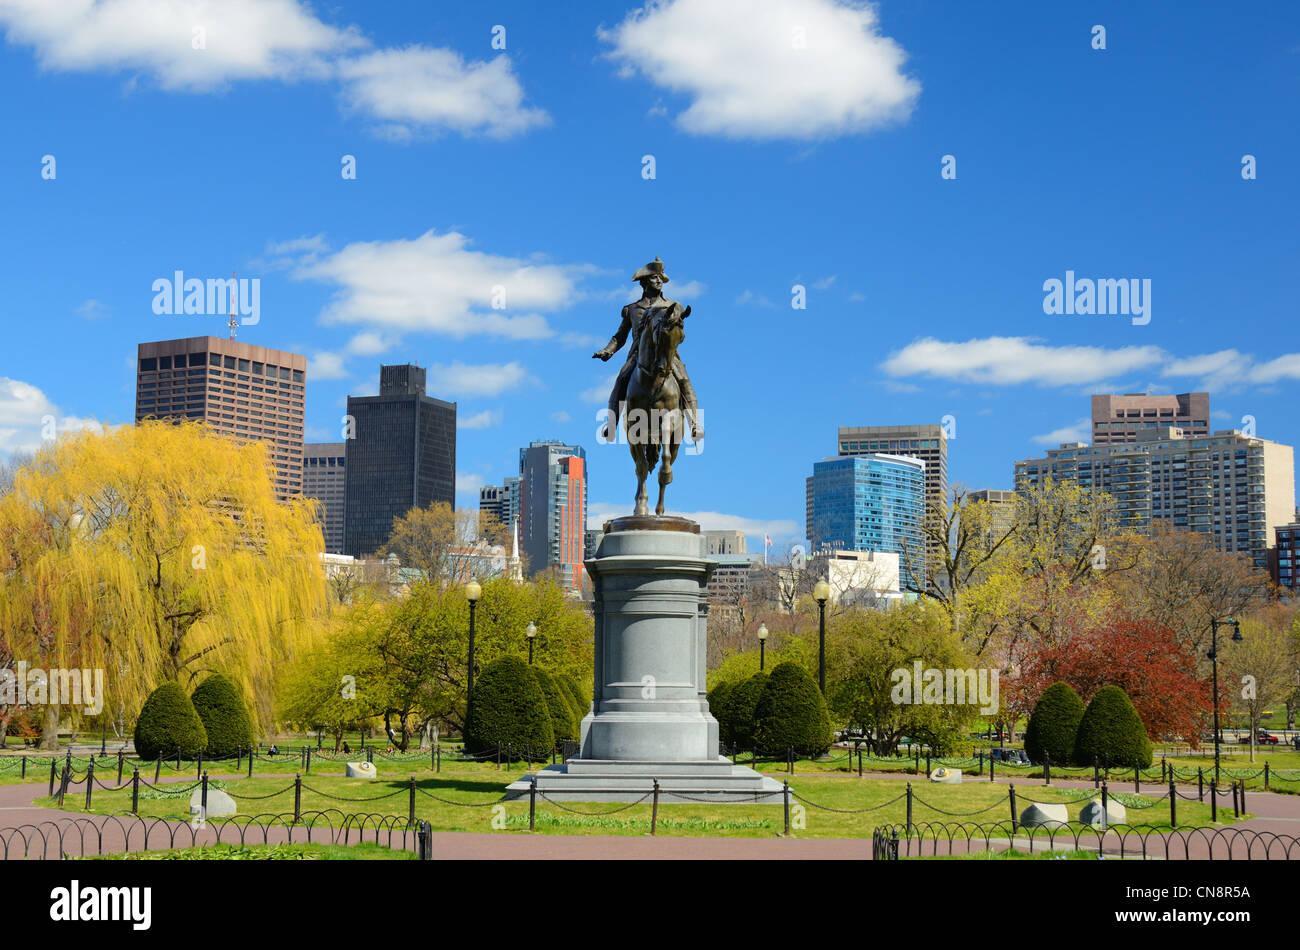 Boston Public Garden, Boston, Massachusetts, USA. - Stock Image